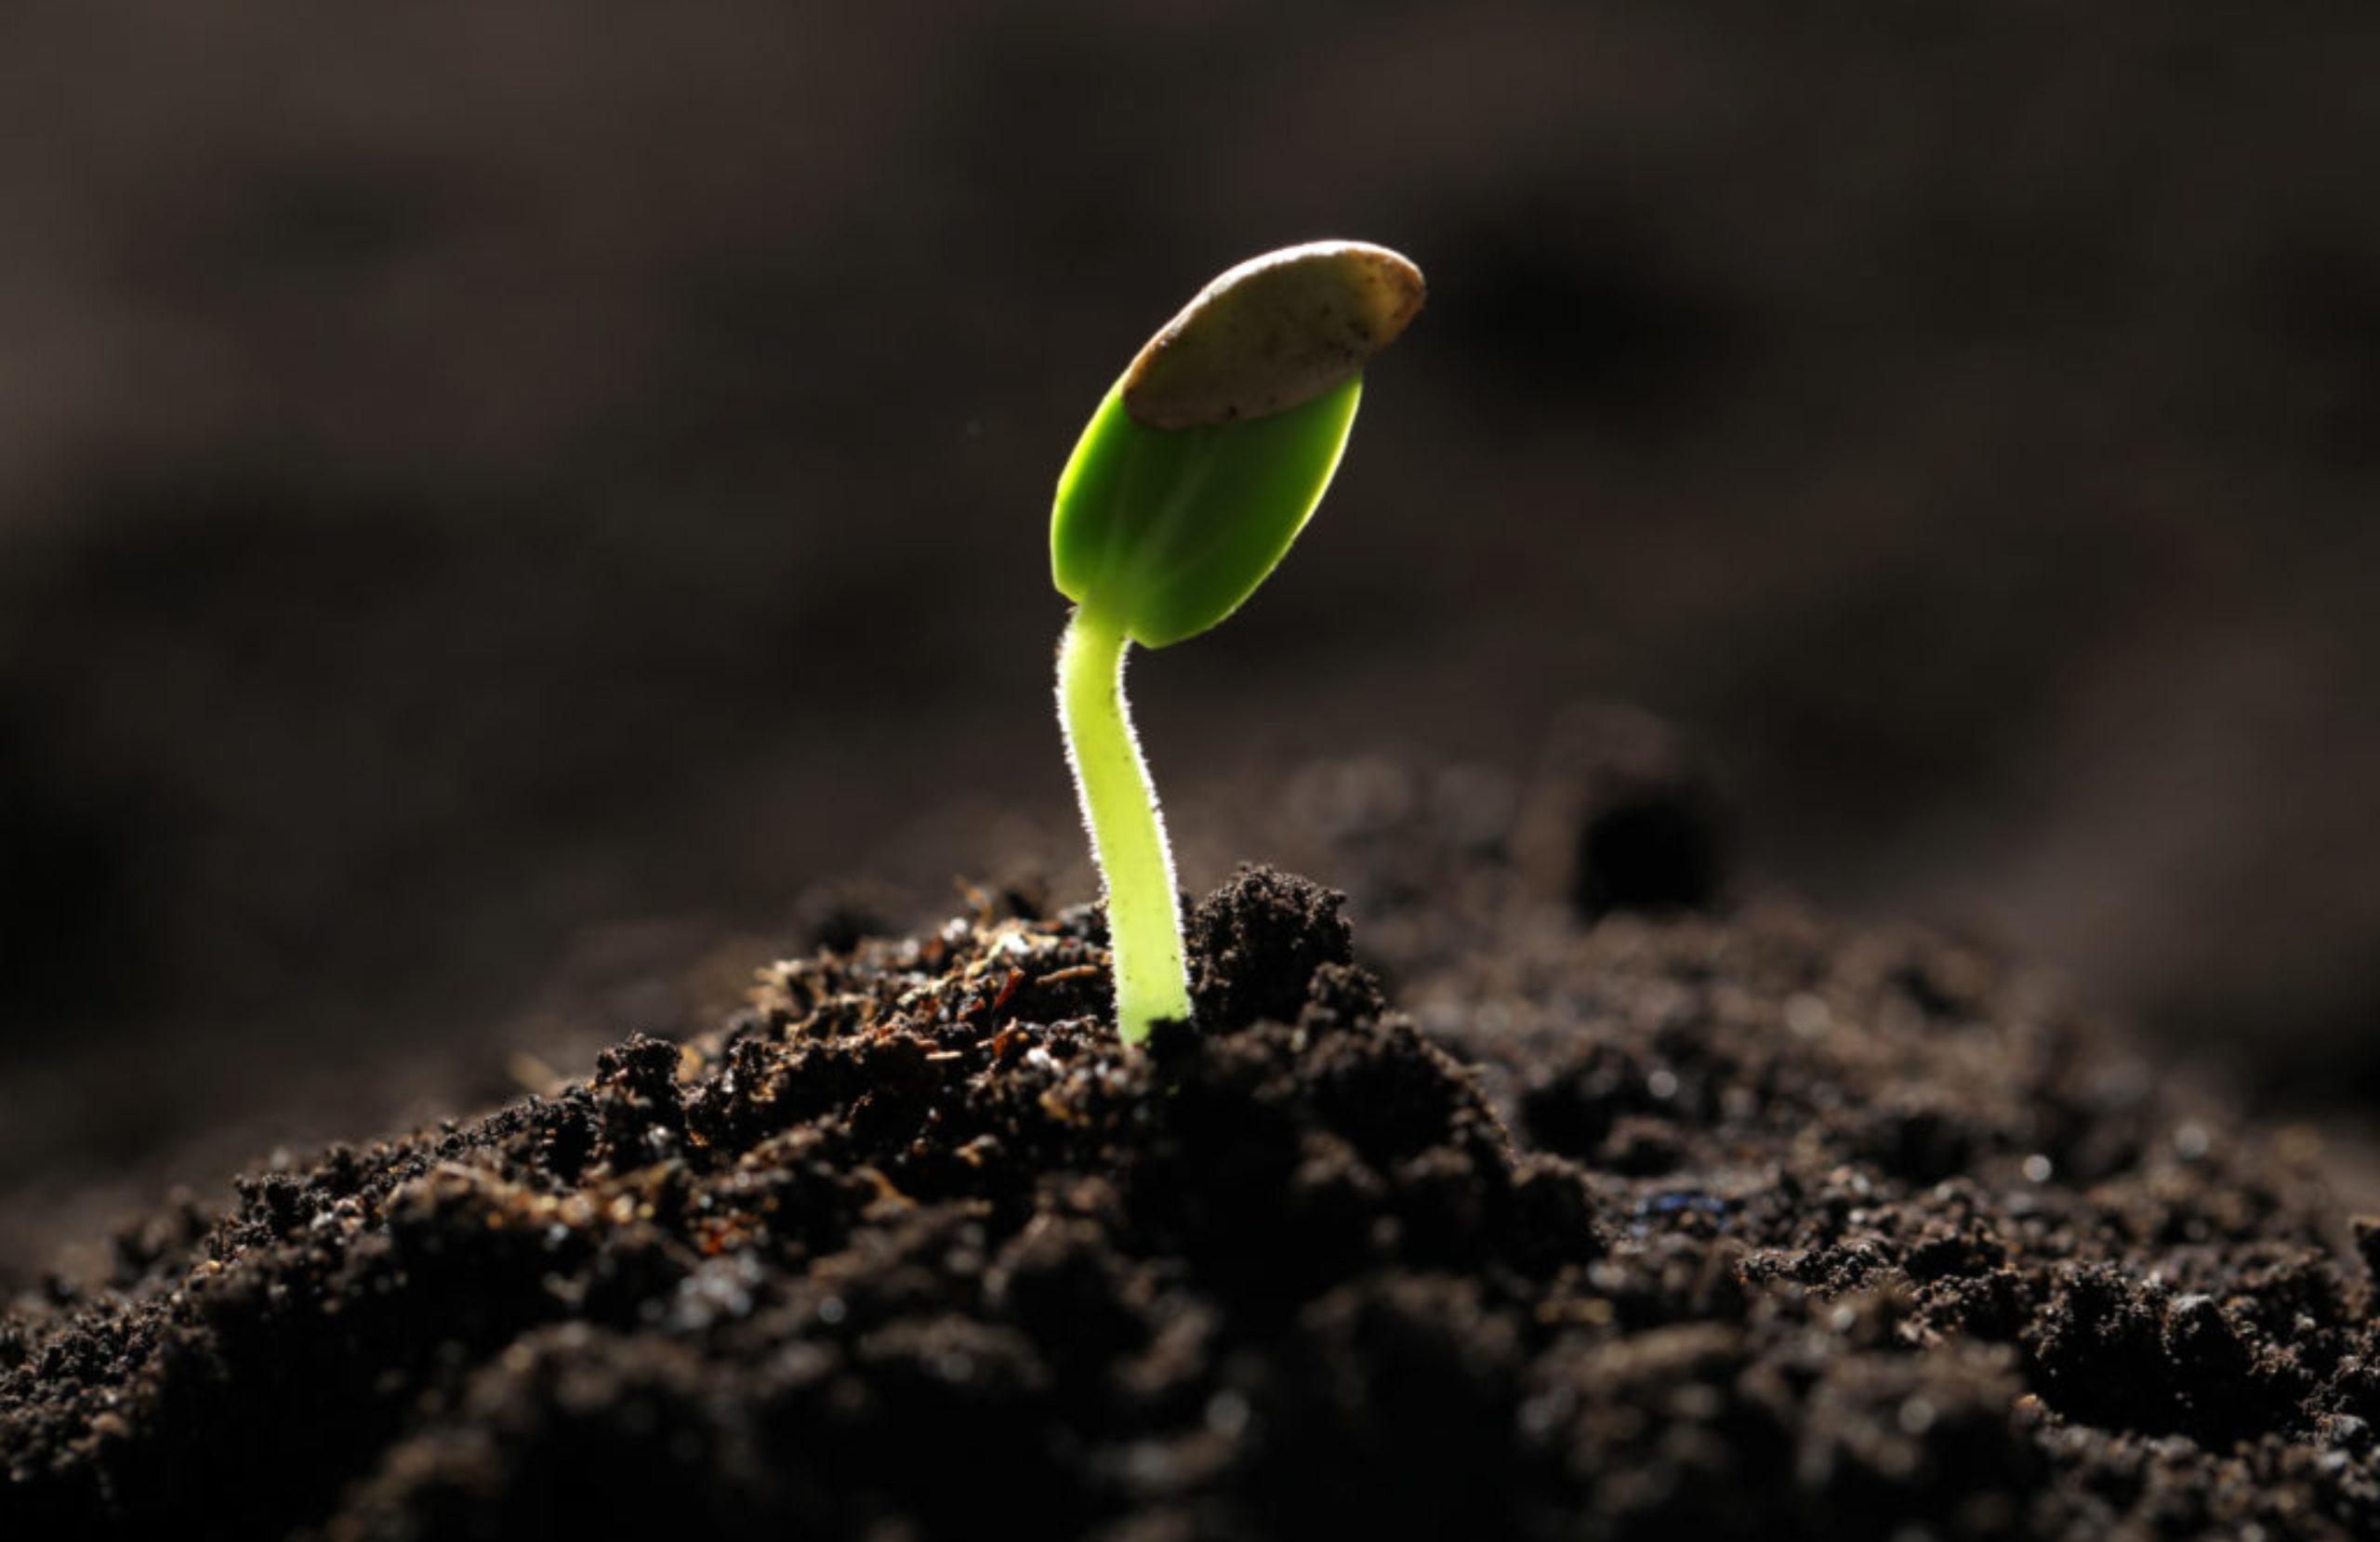 Little green seedling growing in soil, closeup